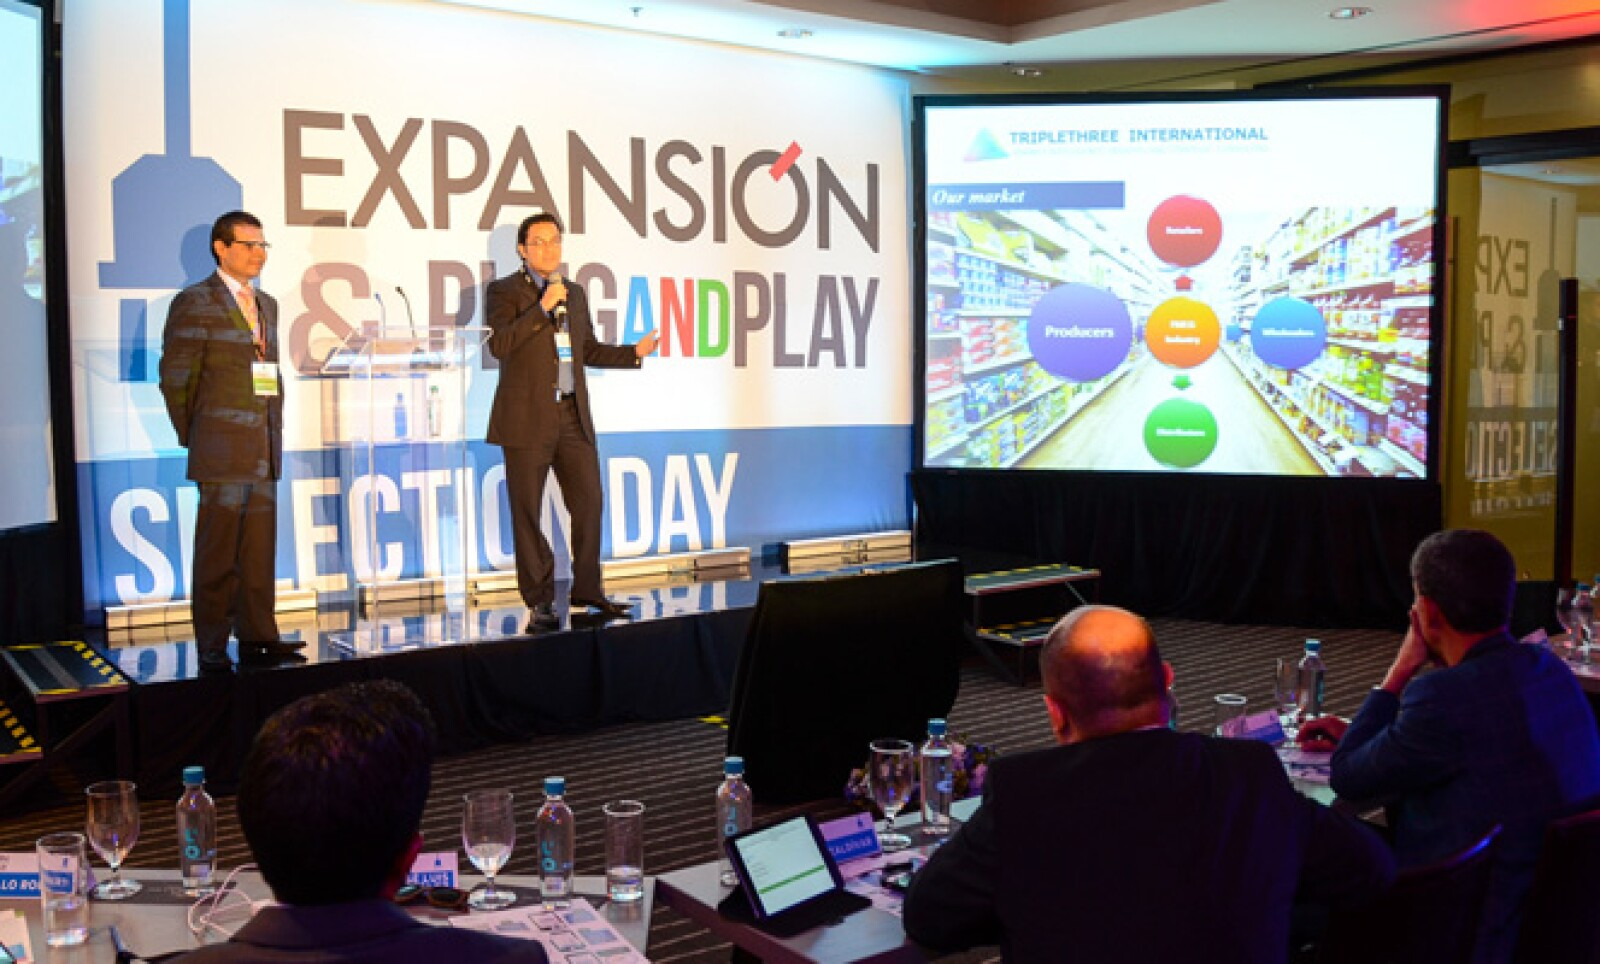 Iván Franco y Alejandro Covarrubias presentaron su empresa de inteligencia de mercados que provee de información y análisis sobre los precios de diversos bienes de consumo.